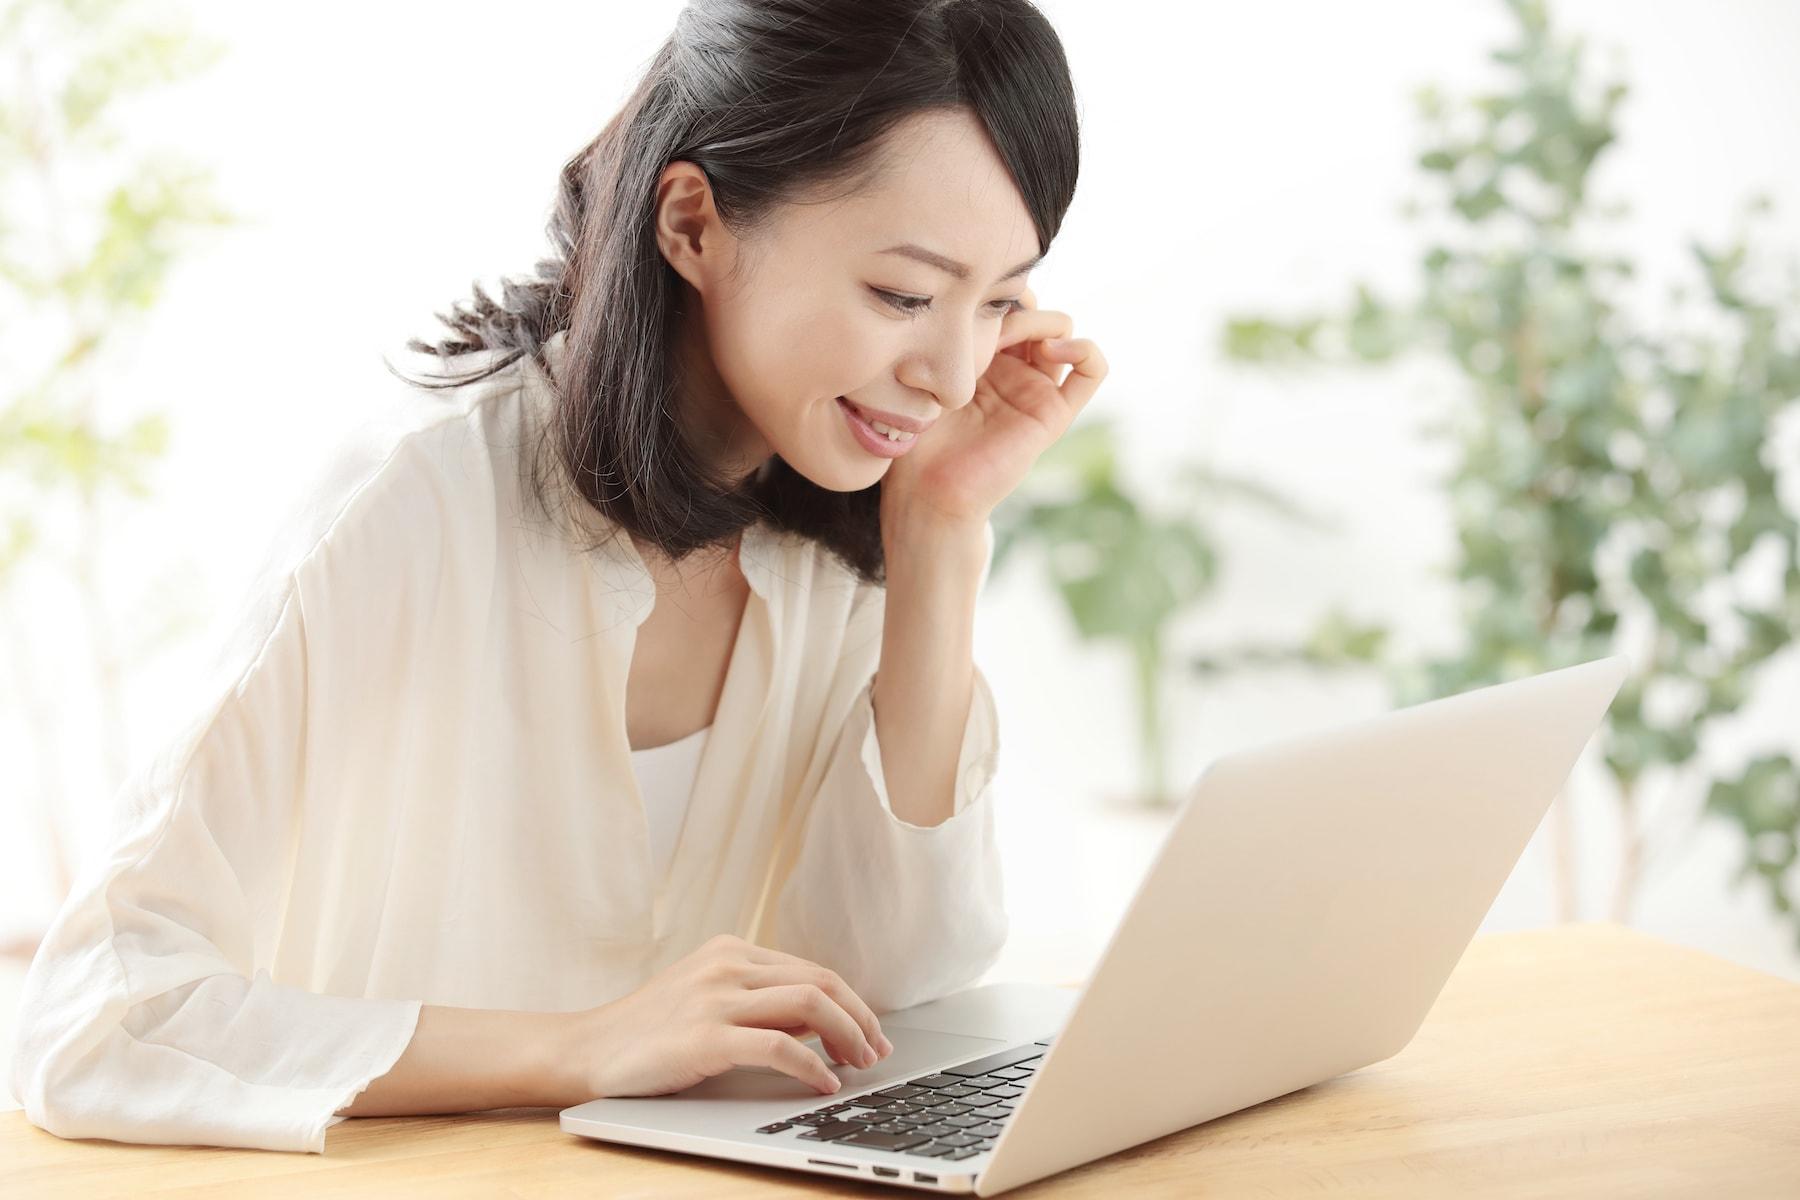 パソコンでインターネットをする女性